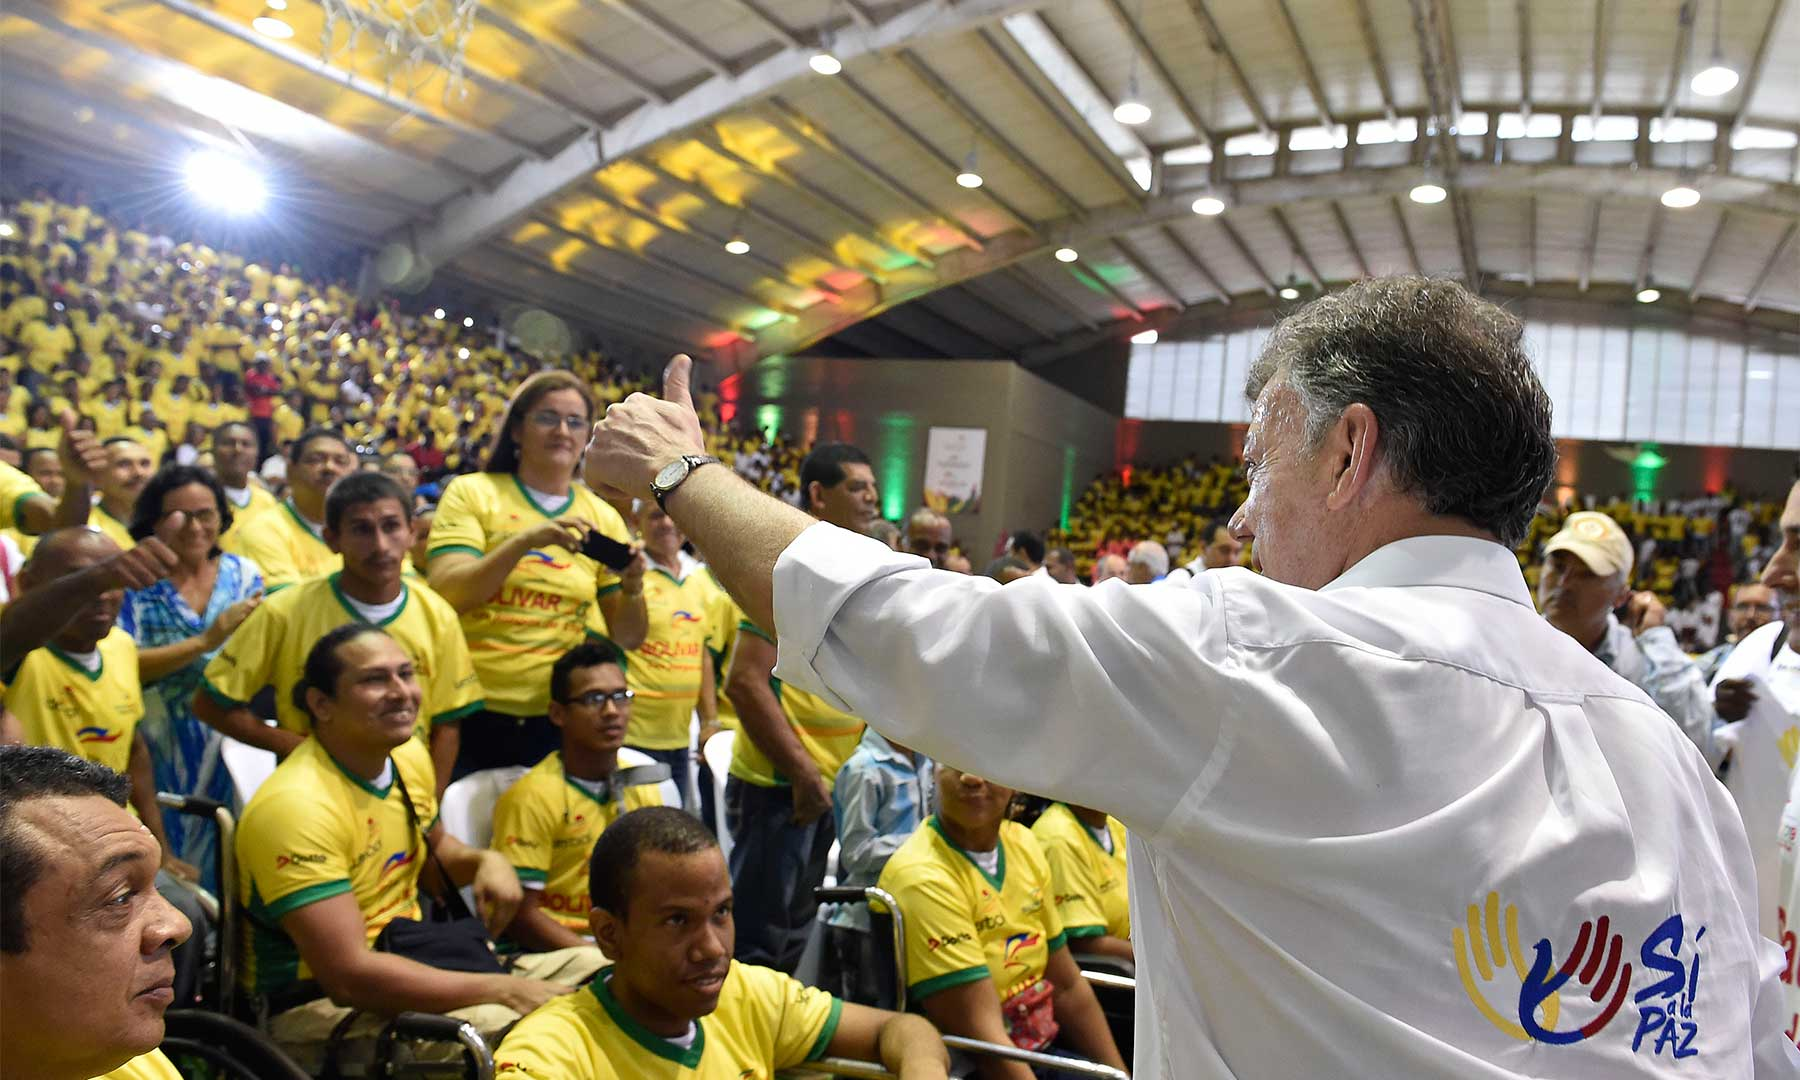 El Presidente Juan Manuel Santos dijo que impartió órdenes al Ministro de Defensa para que los cartageneros tengan la mayor seguridad, en un homenaje celebrado hoy en la capital de Bolívar.